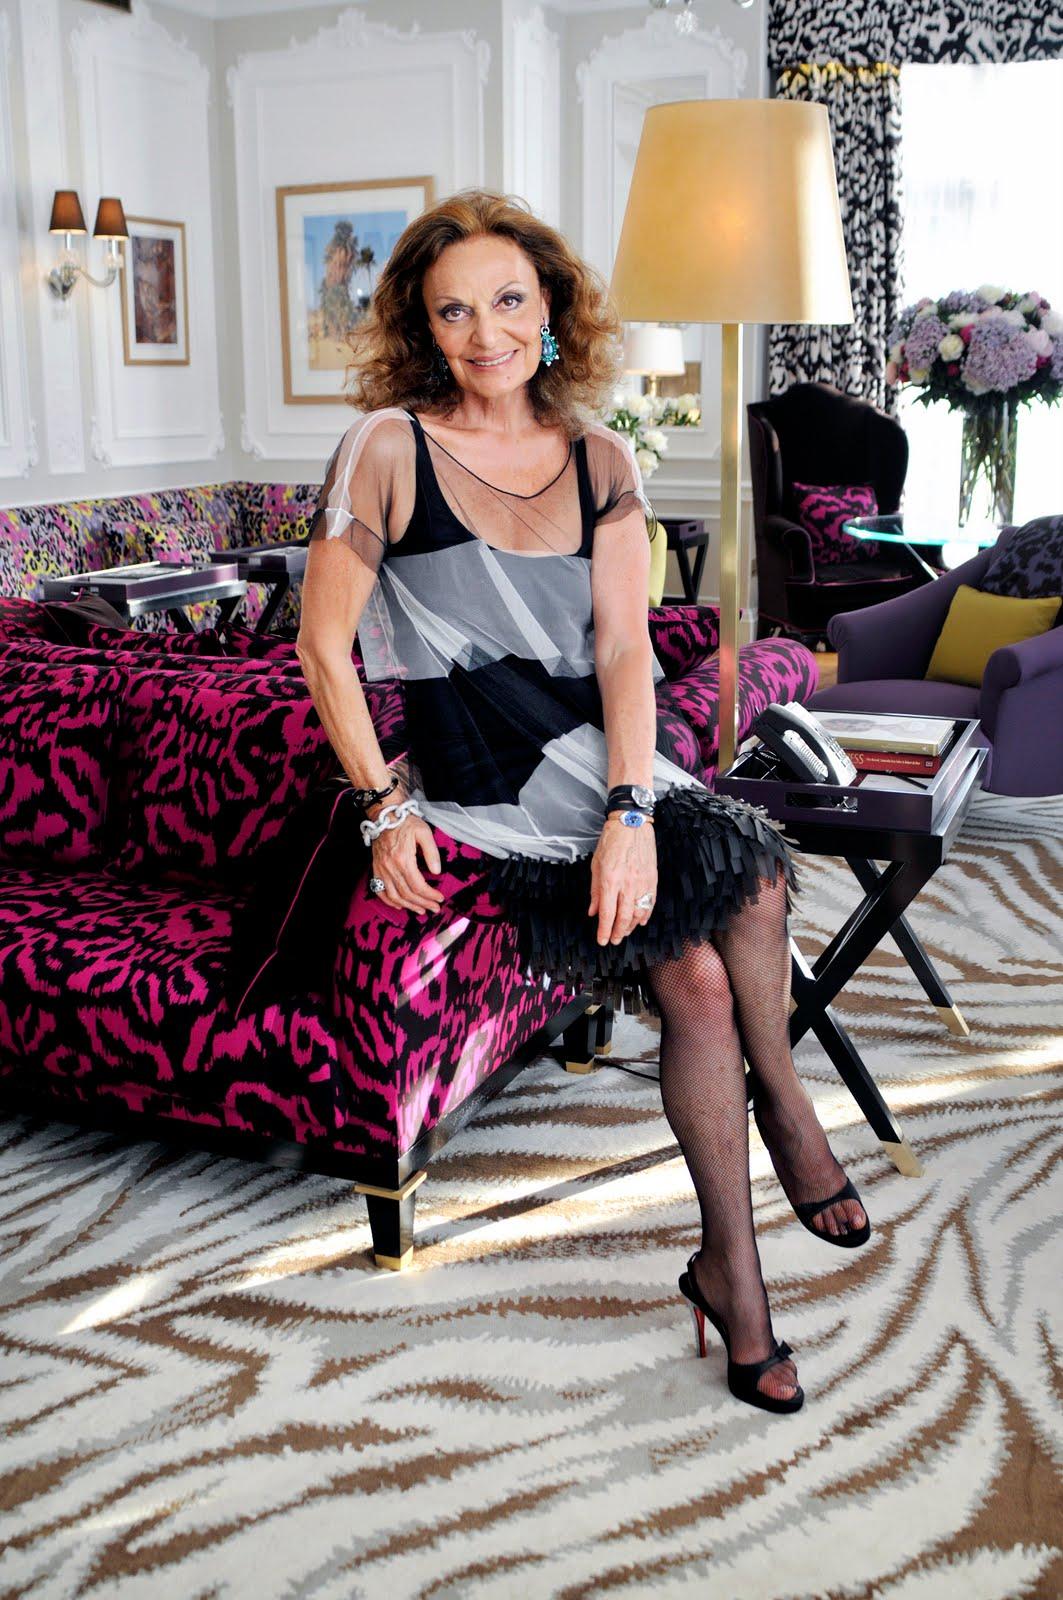 http://1.bp.blogspot.com/-M2VCjswtoew/TZodEx9f7lI/AAAAAAAAHzc/4GVMN9GstwQ/s1600/Diane%2Bvon%2BFu%2525CC%252588rstenberg-hotel.jpg